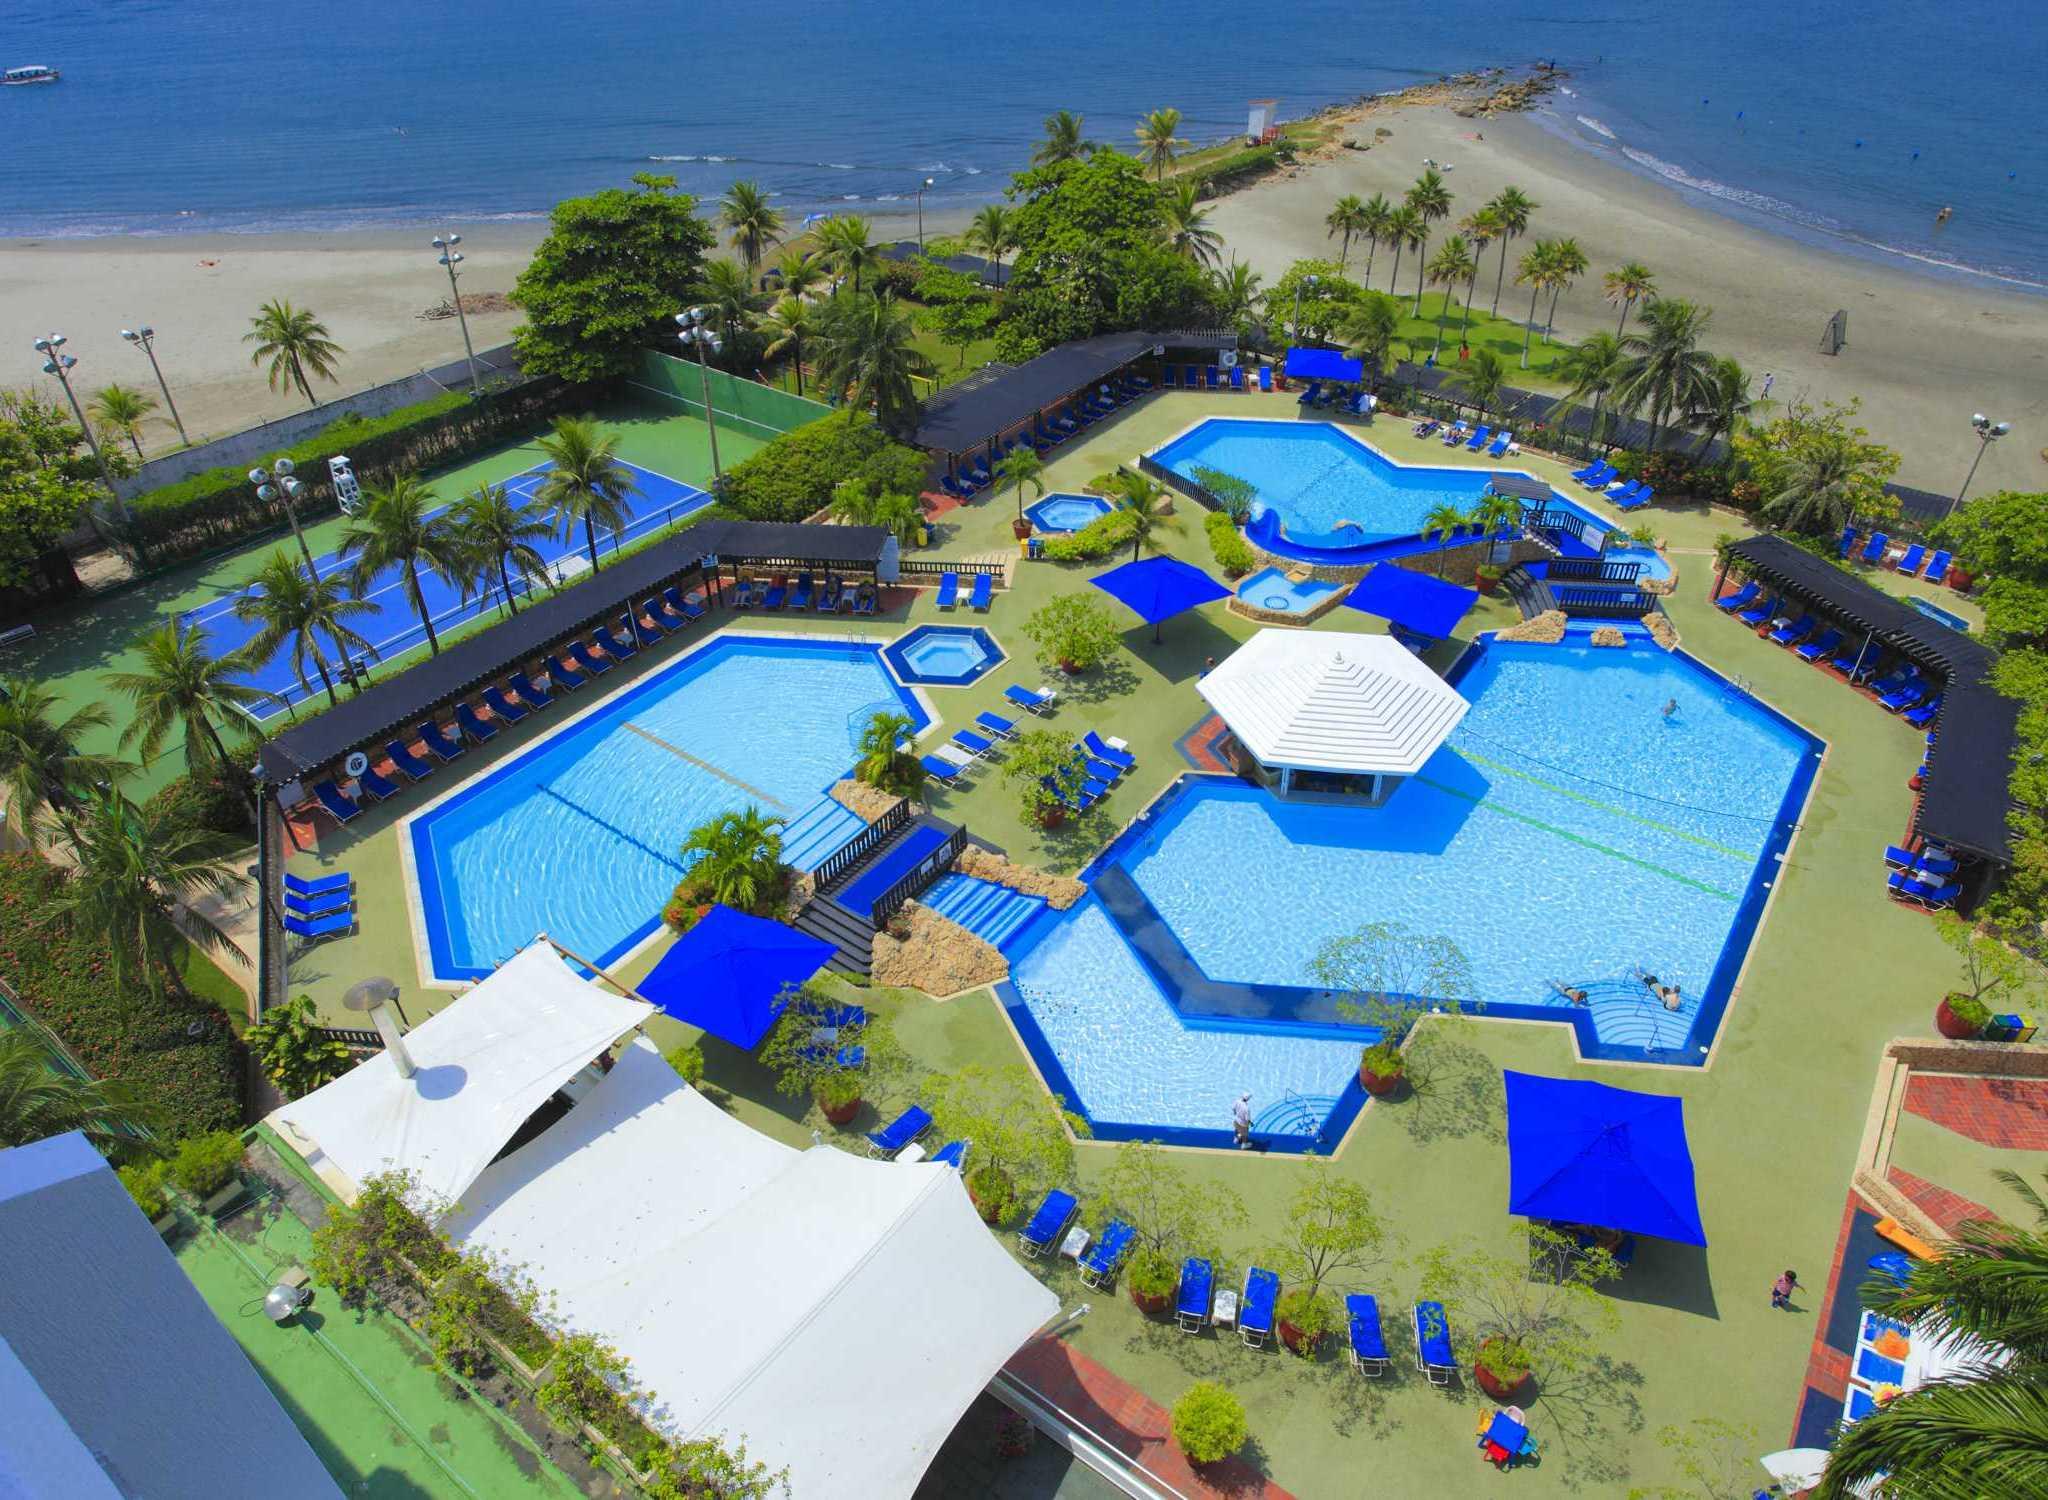 Hoteles en colombia cartagena cali barranquilla hilton for Cerramiento para piscinas colombia